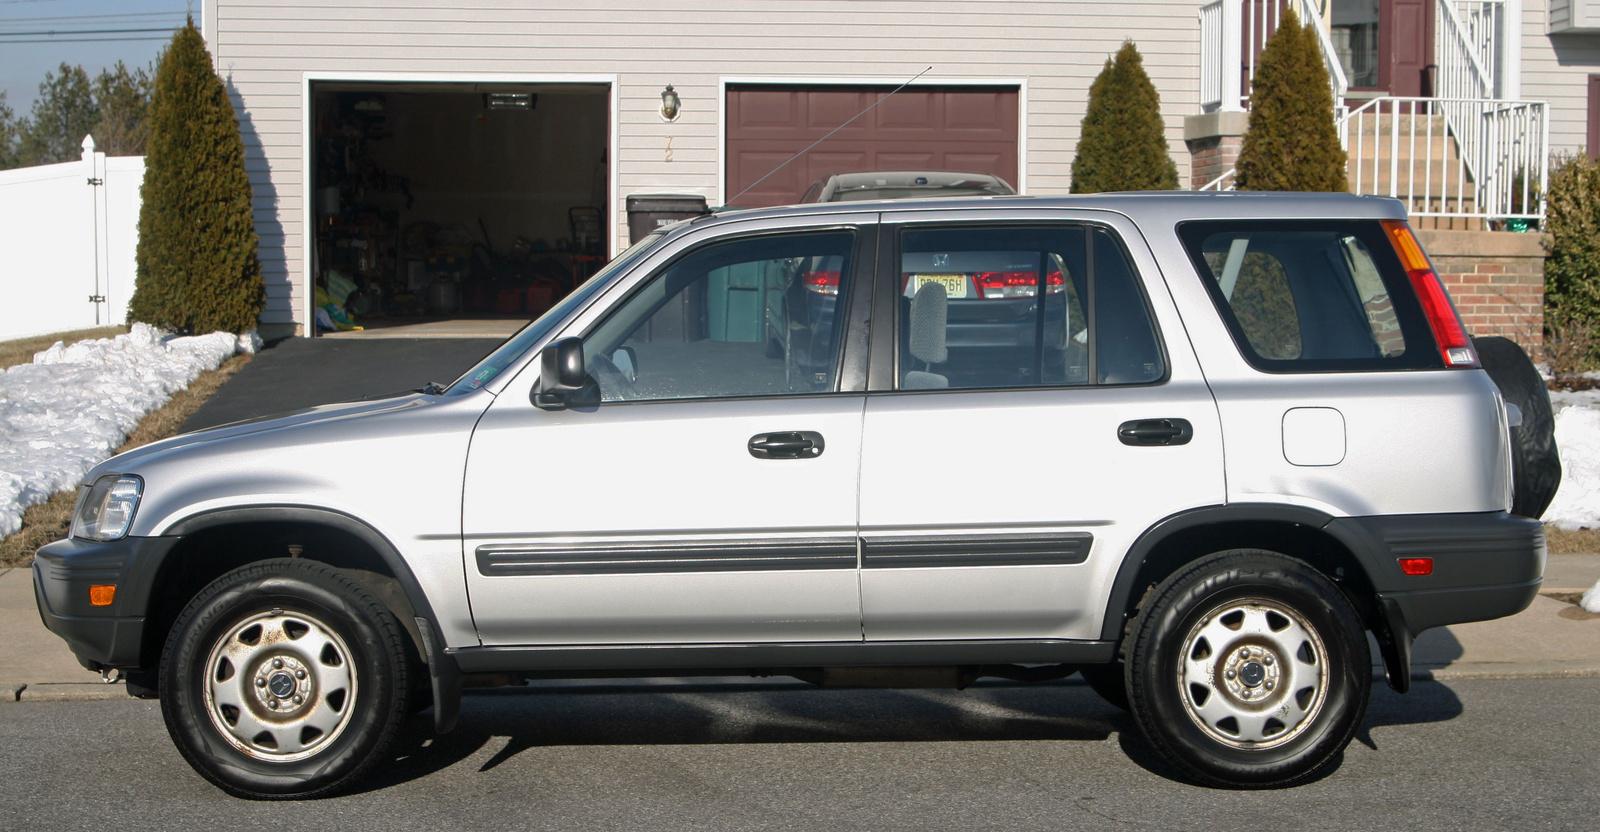 1998 Honda CR-V - Pictures - CarGurus